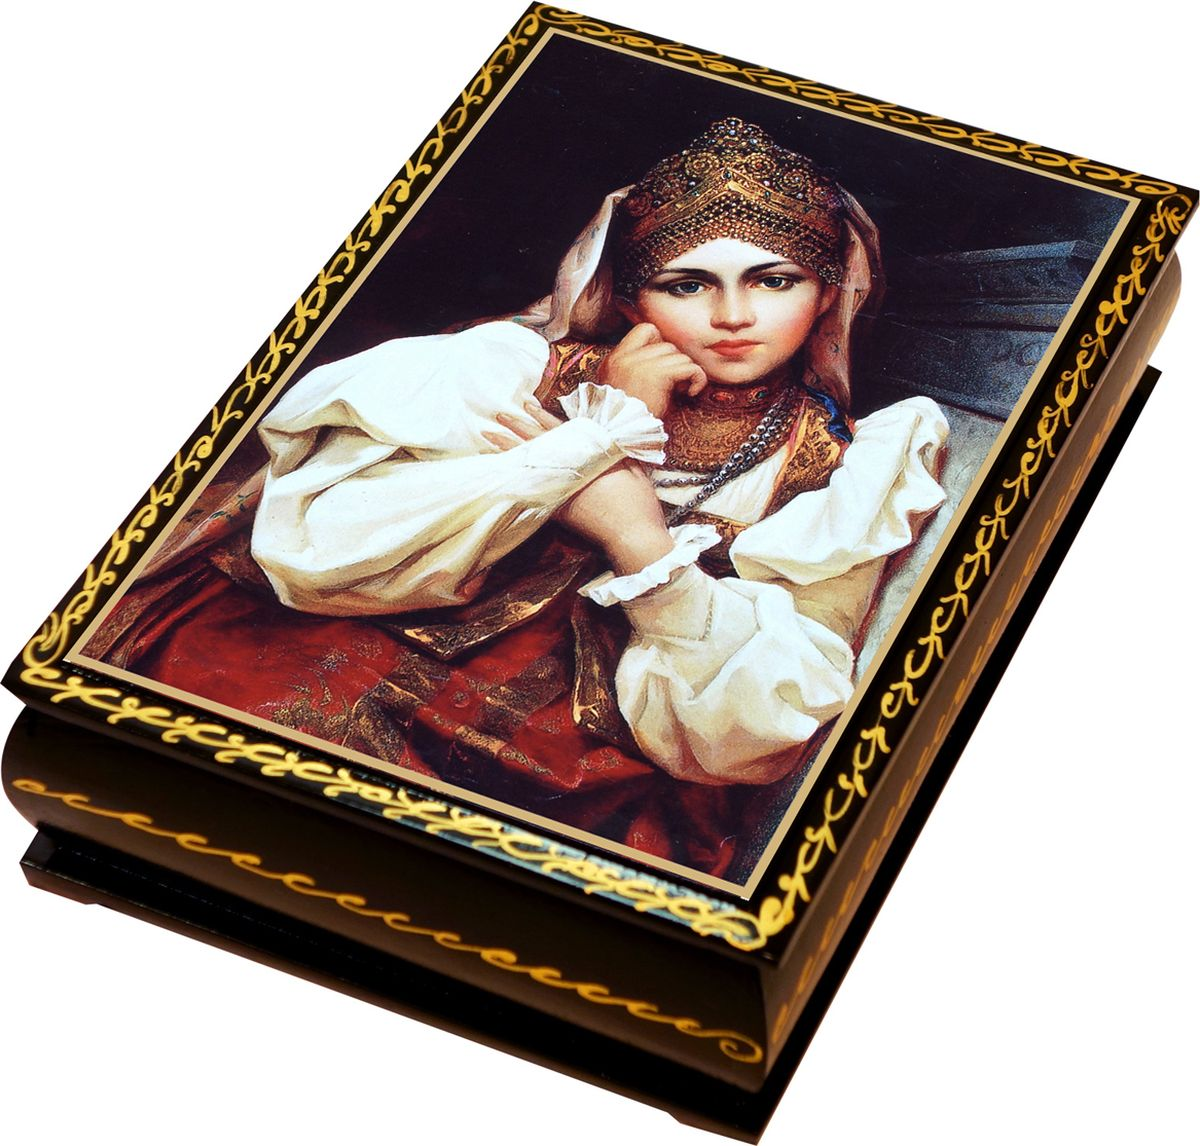 Кремлина Камин курага шоколадная с грецким орехом конфеты, 150 г naturaliber паста шоколадная с абрикосом 225 г